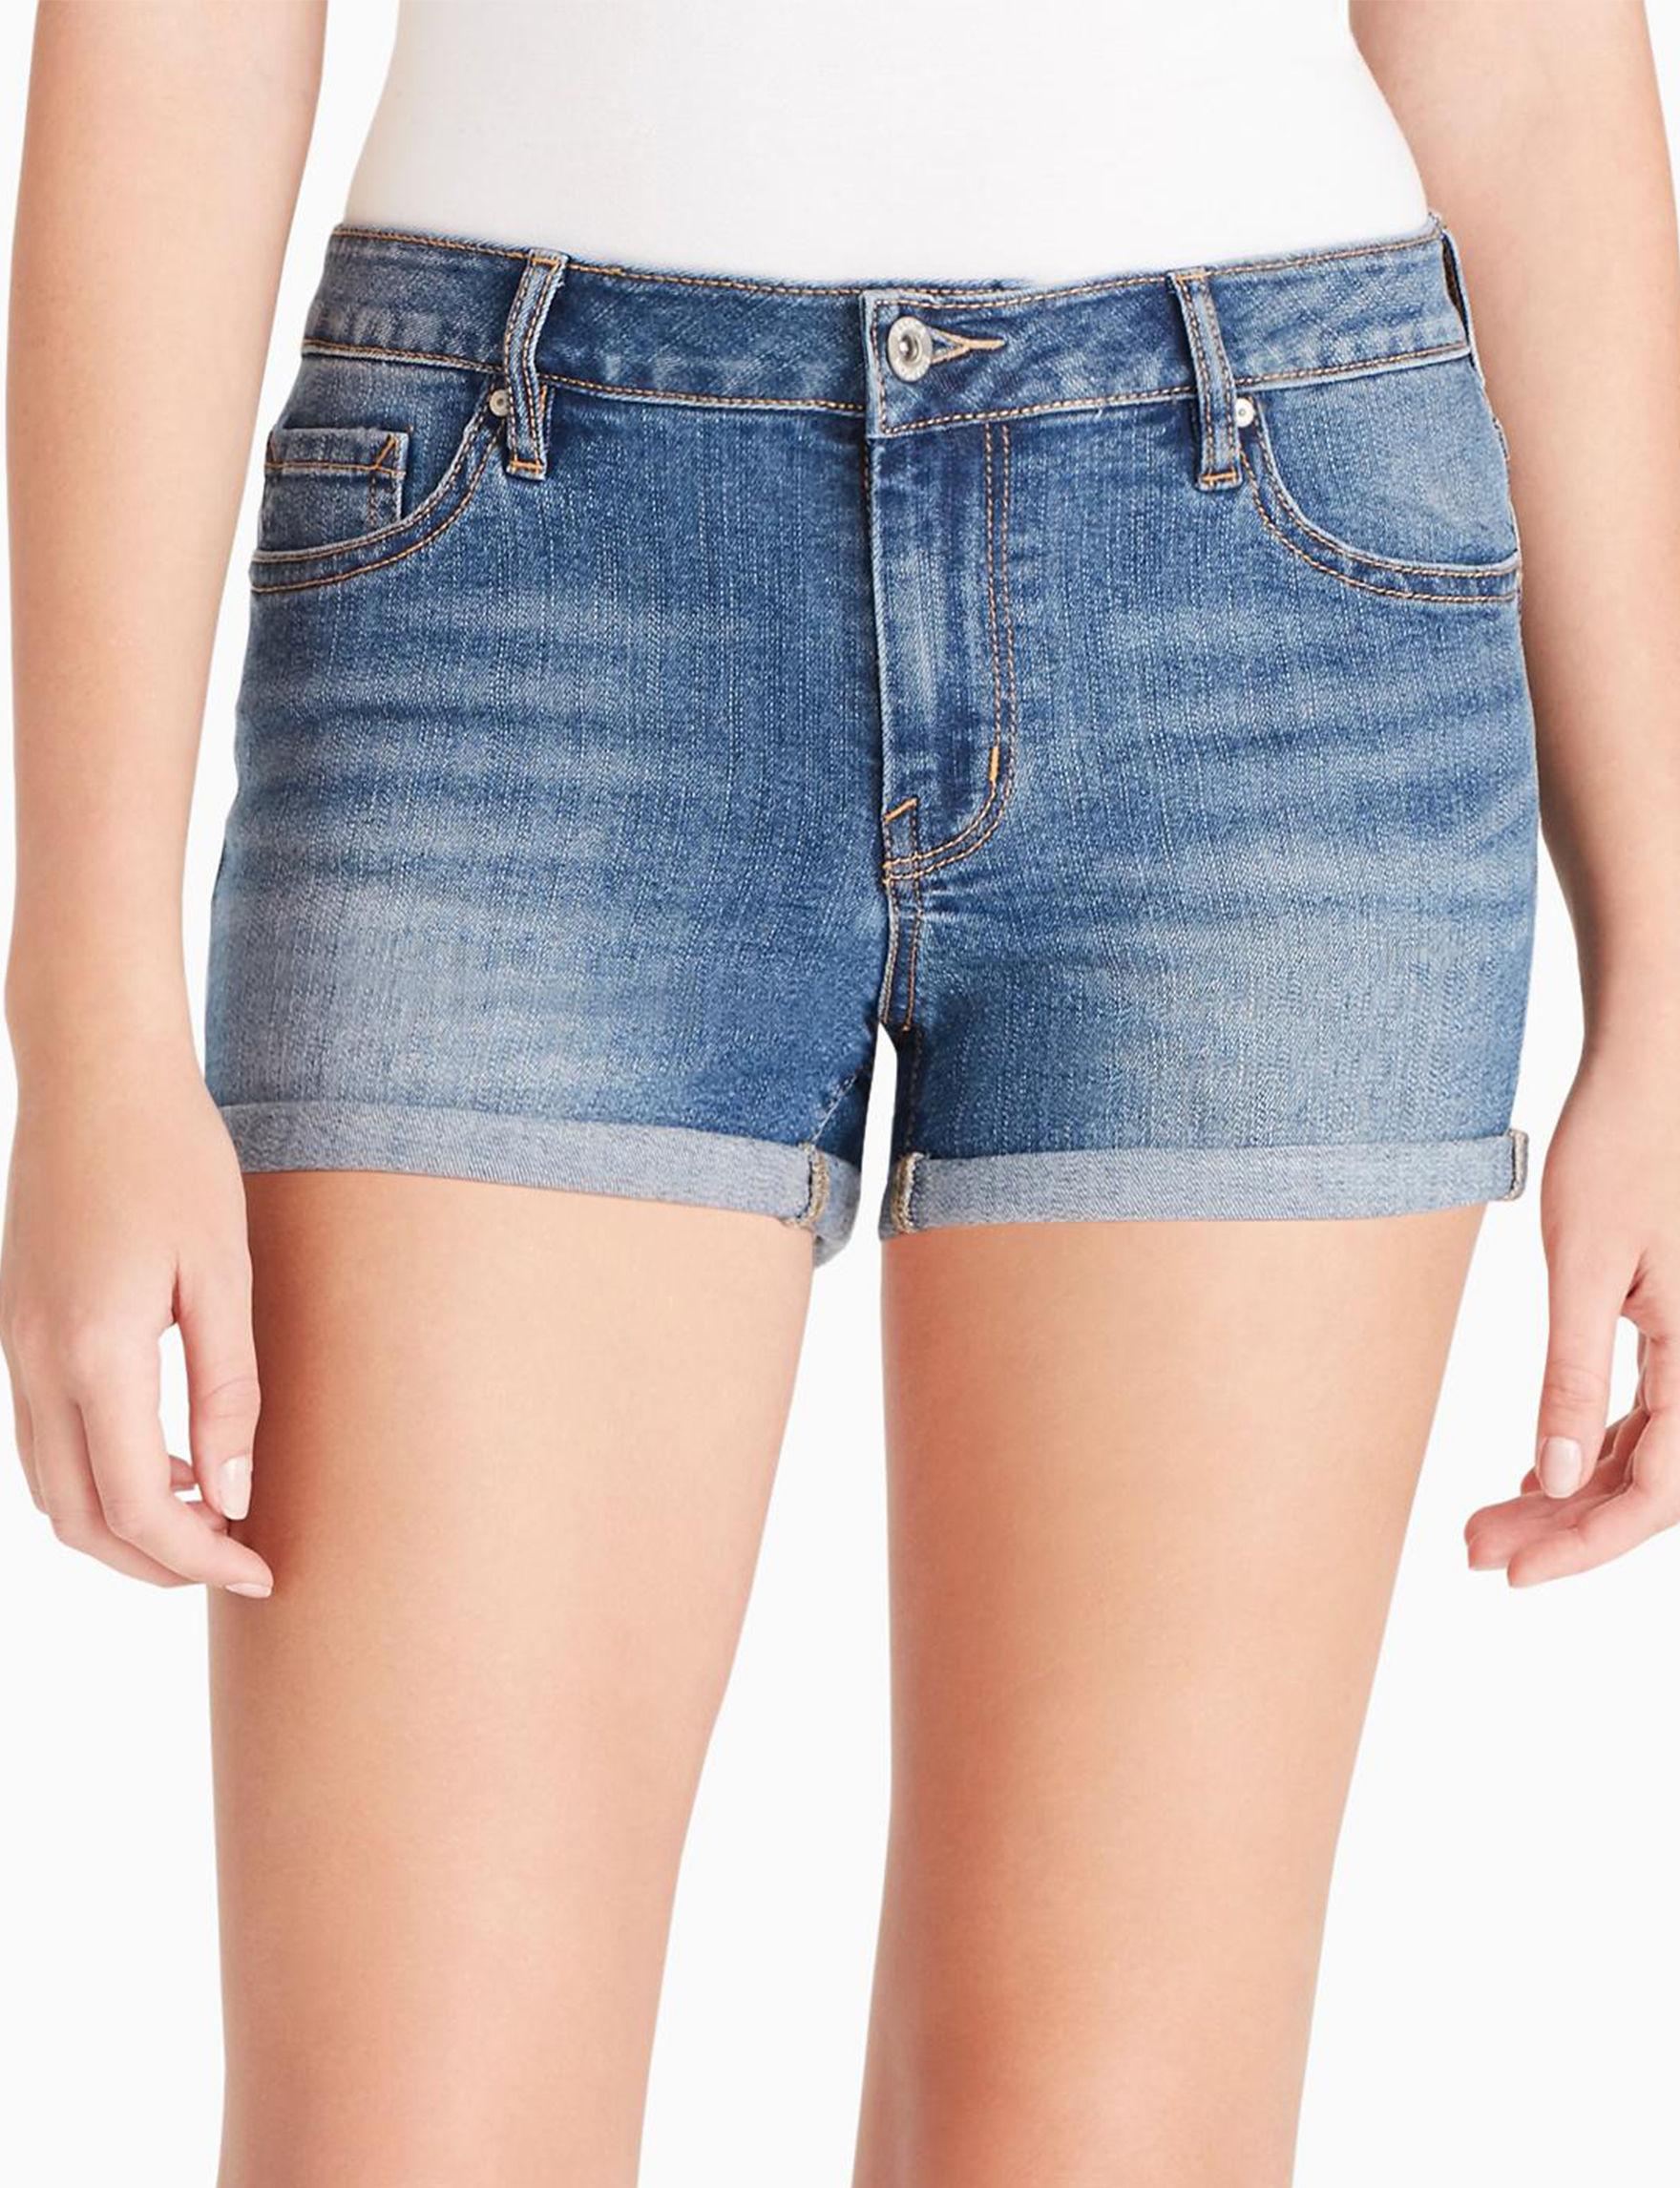 Jessica Simpson Medium Blue Denim Shorts